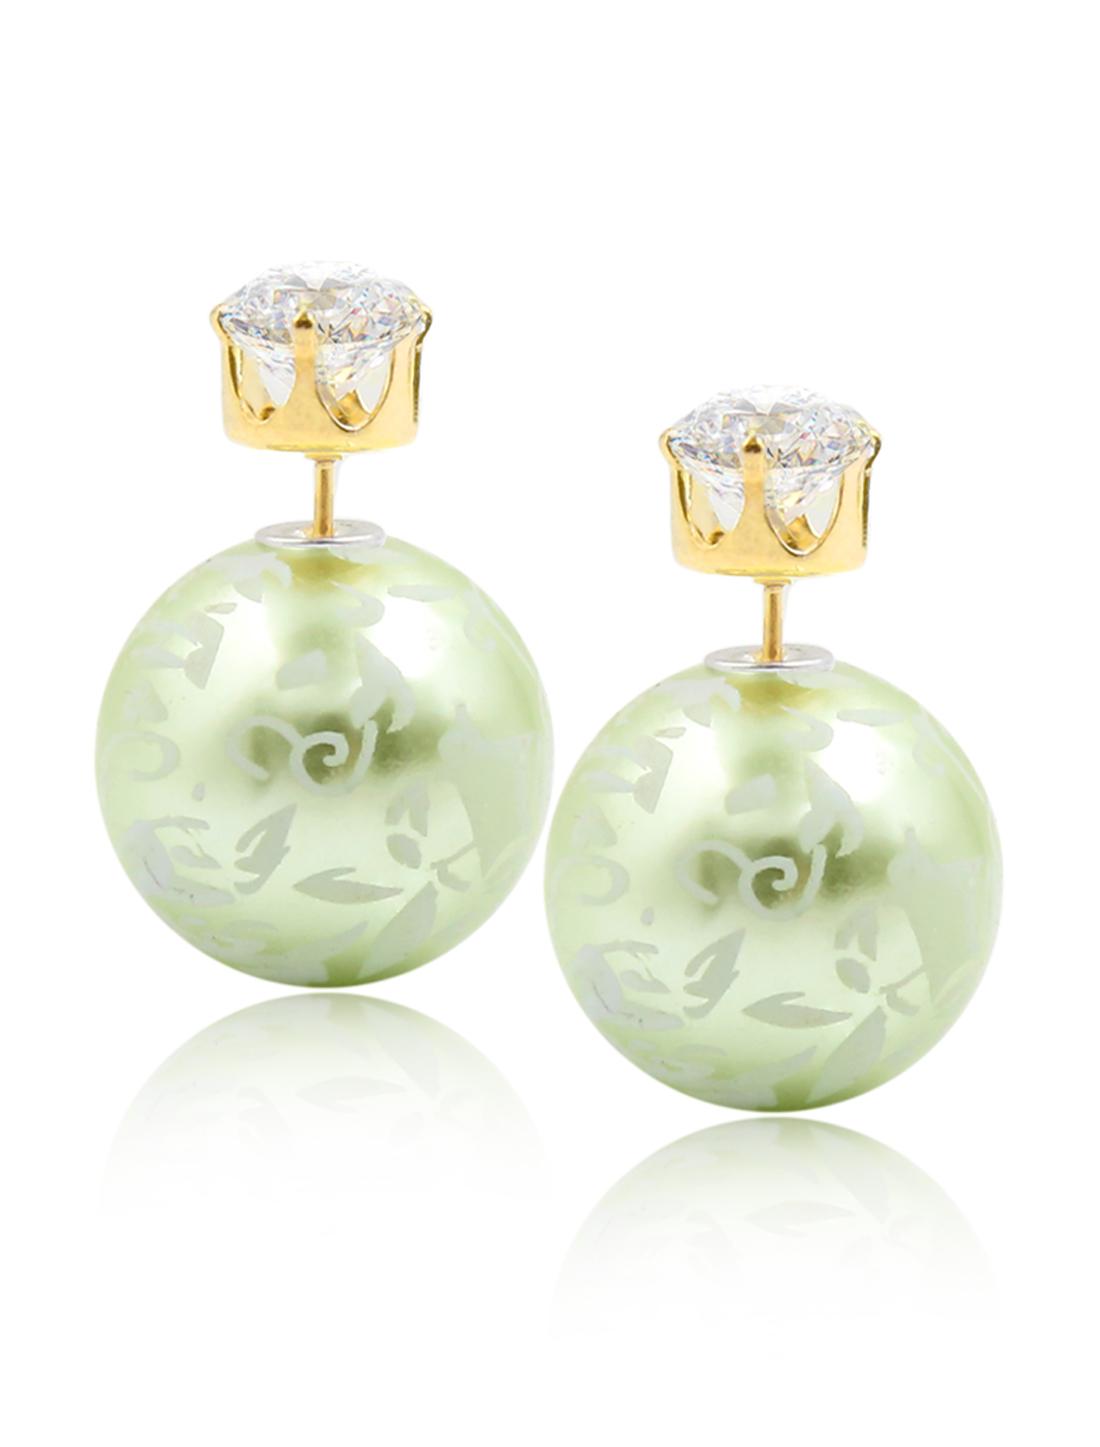 Fashion Women Elegant Double Sides Zircon Flower Pattern Ball Earrings Ear Stud 1 Pair Green